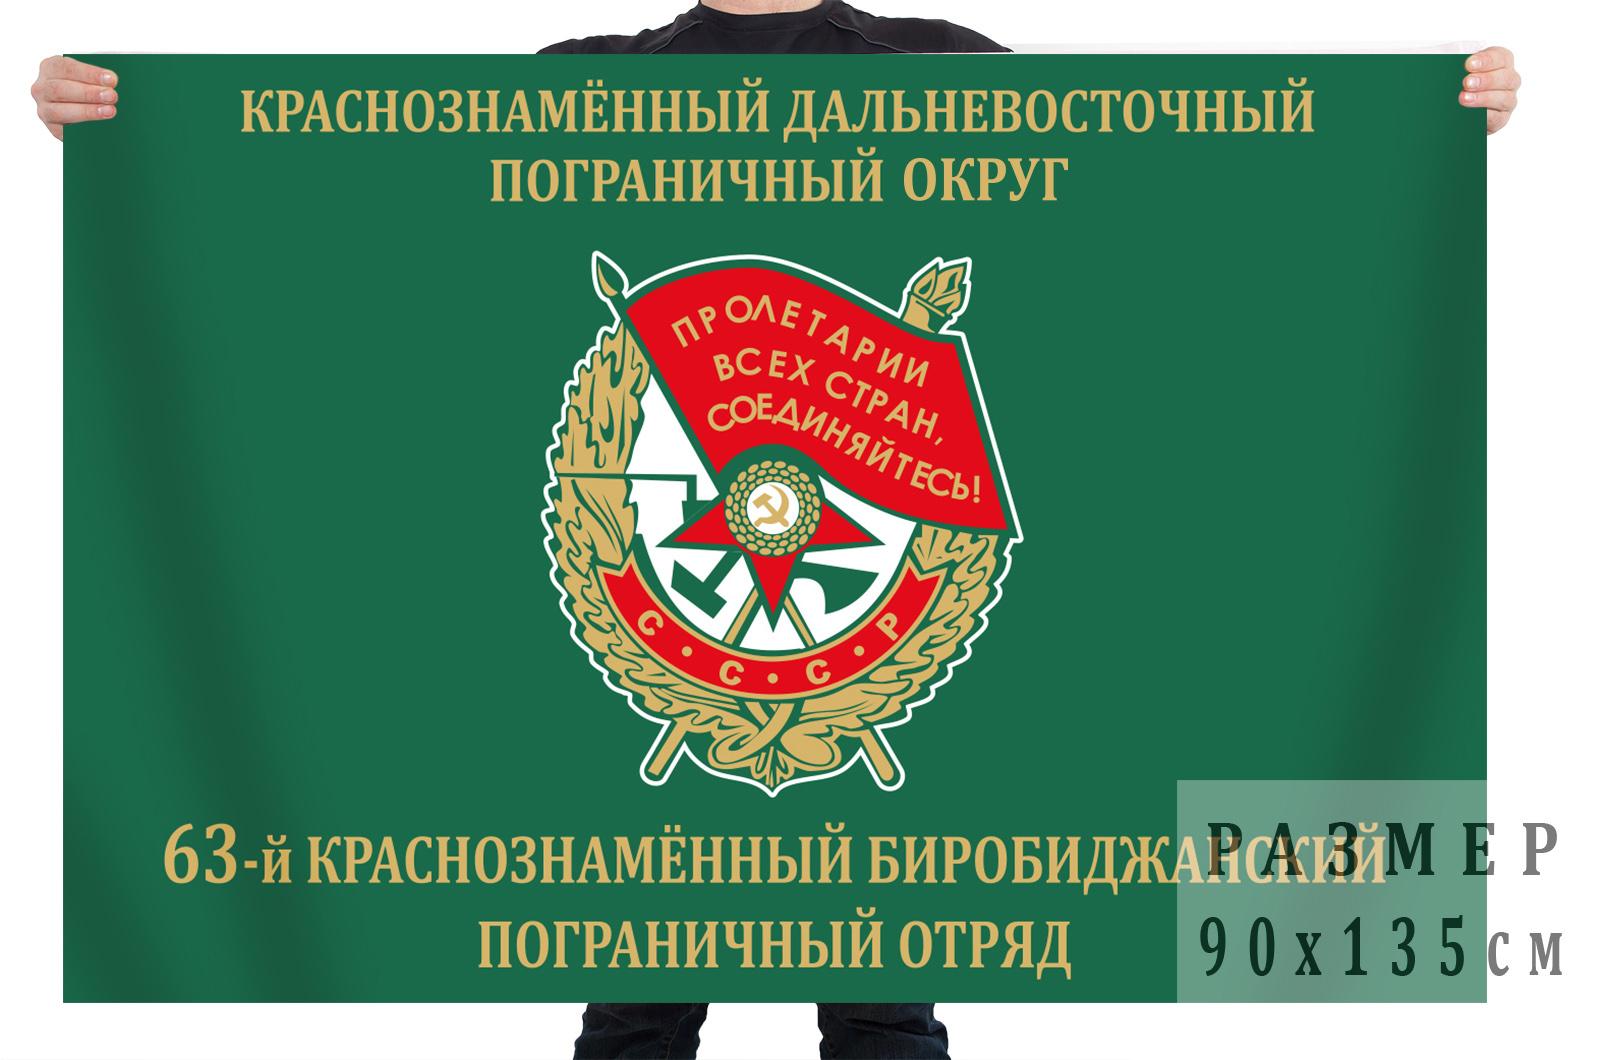 Флаг 63 Краснознамённого Биробиджанского пограничного отряда